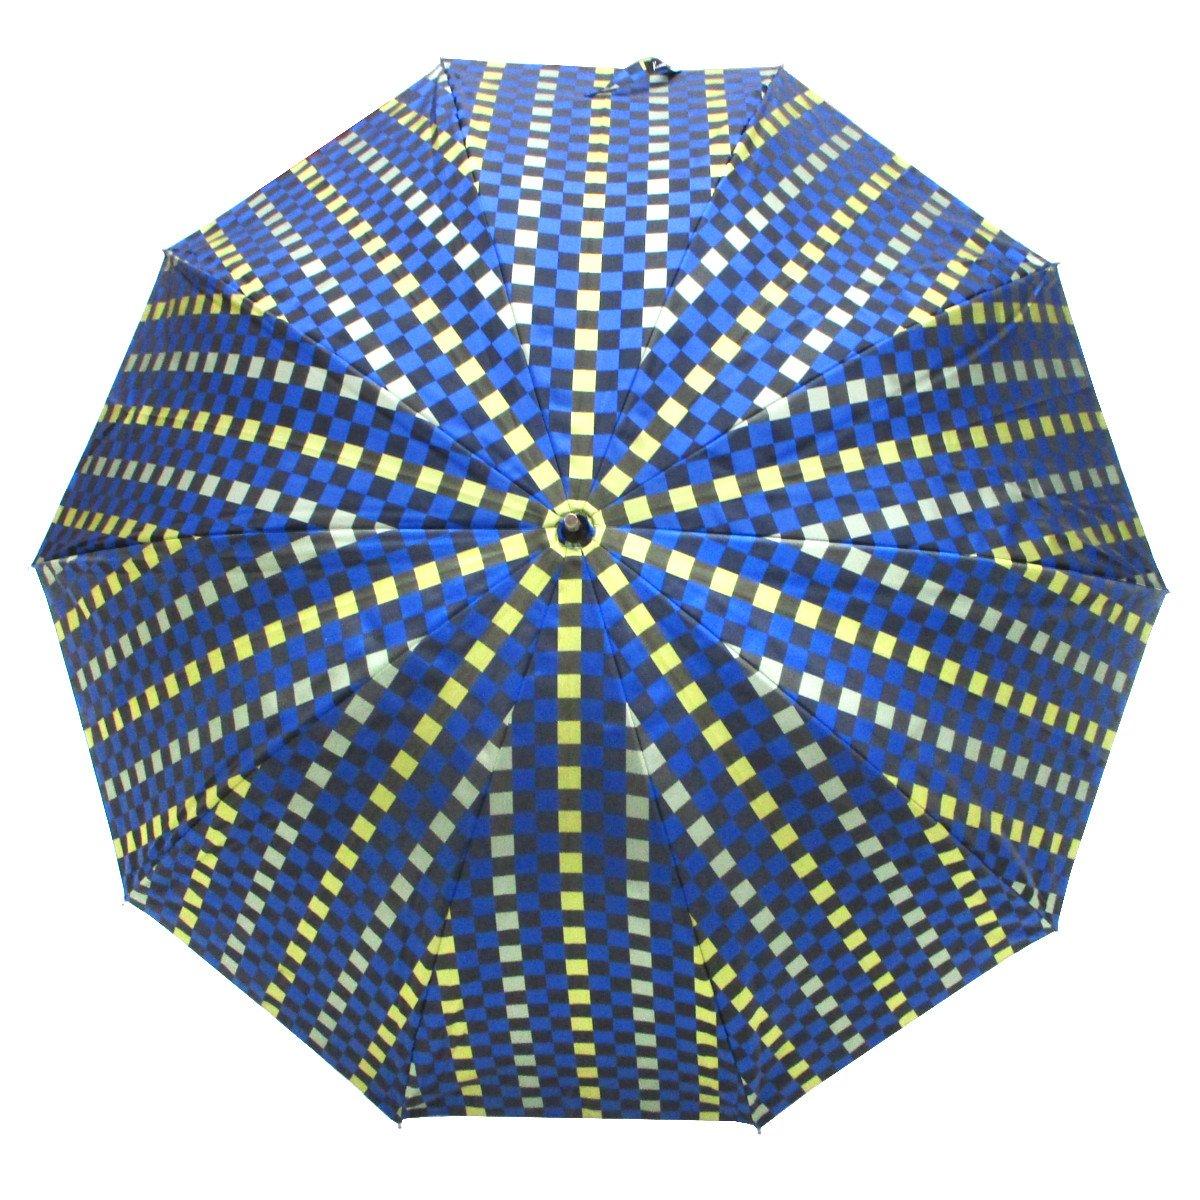 オオモリ 凱(かちどき) パラソル ロイヤルブルー   B01JTMSFMO